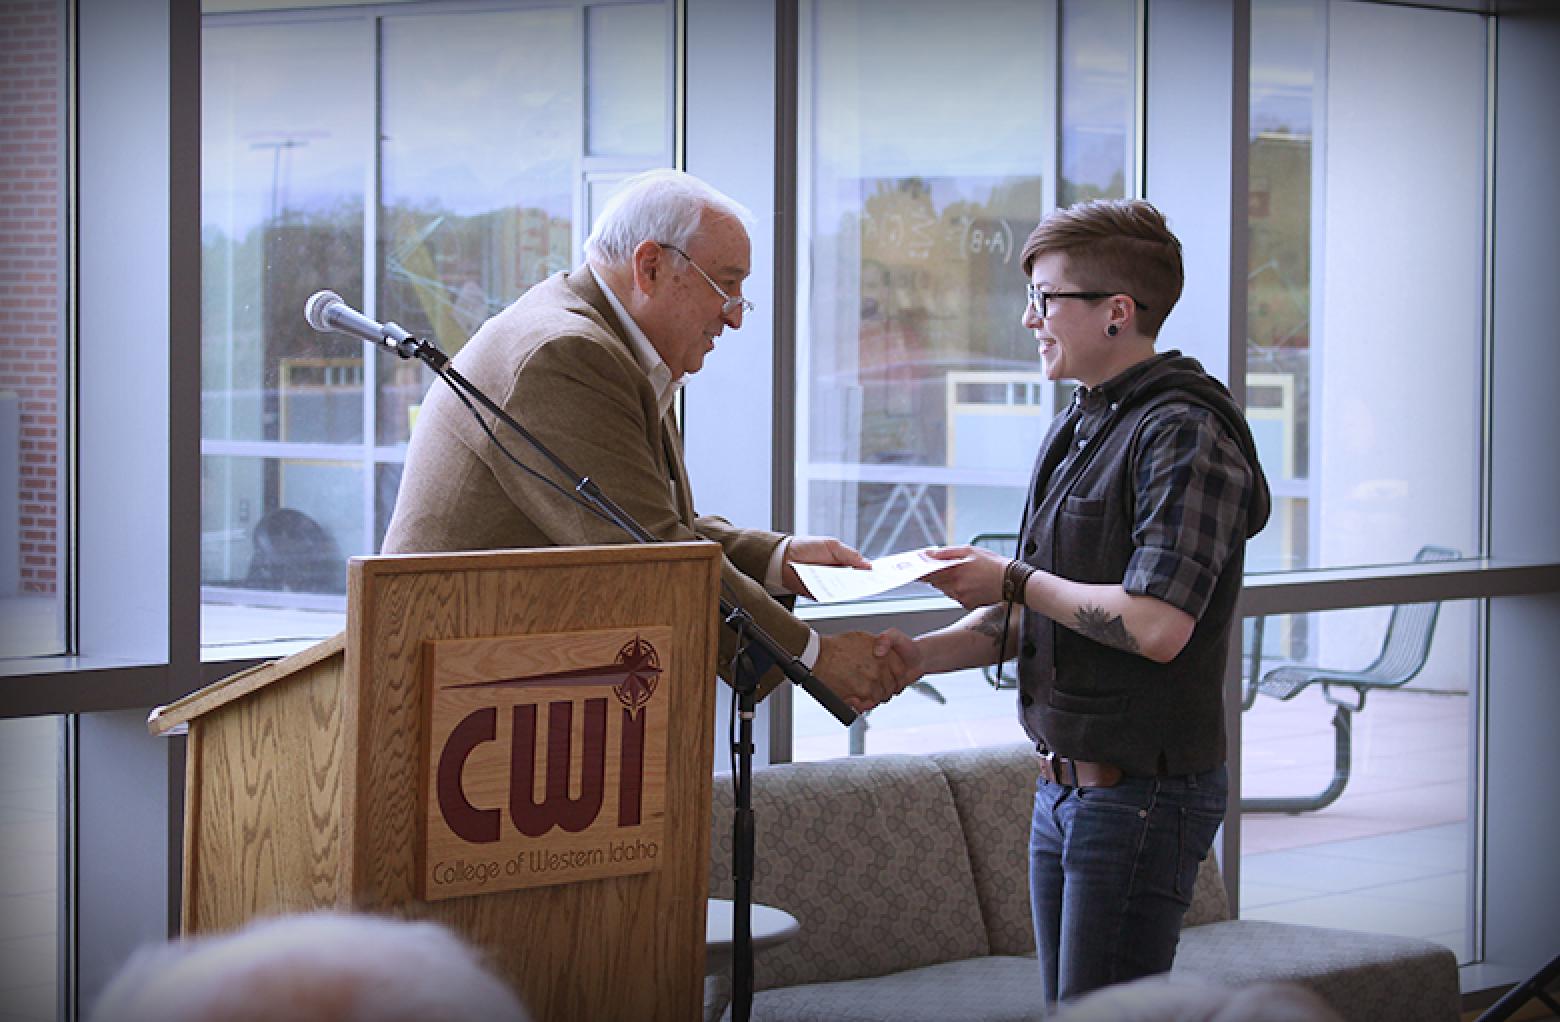 Student recieving an award